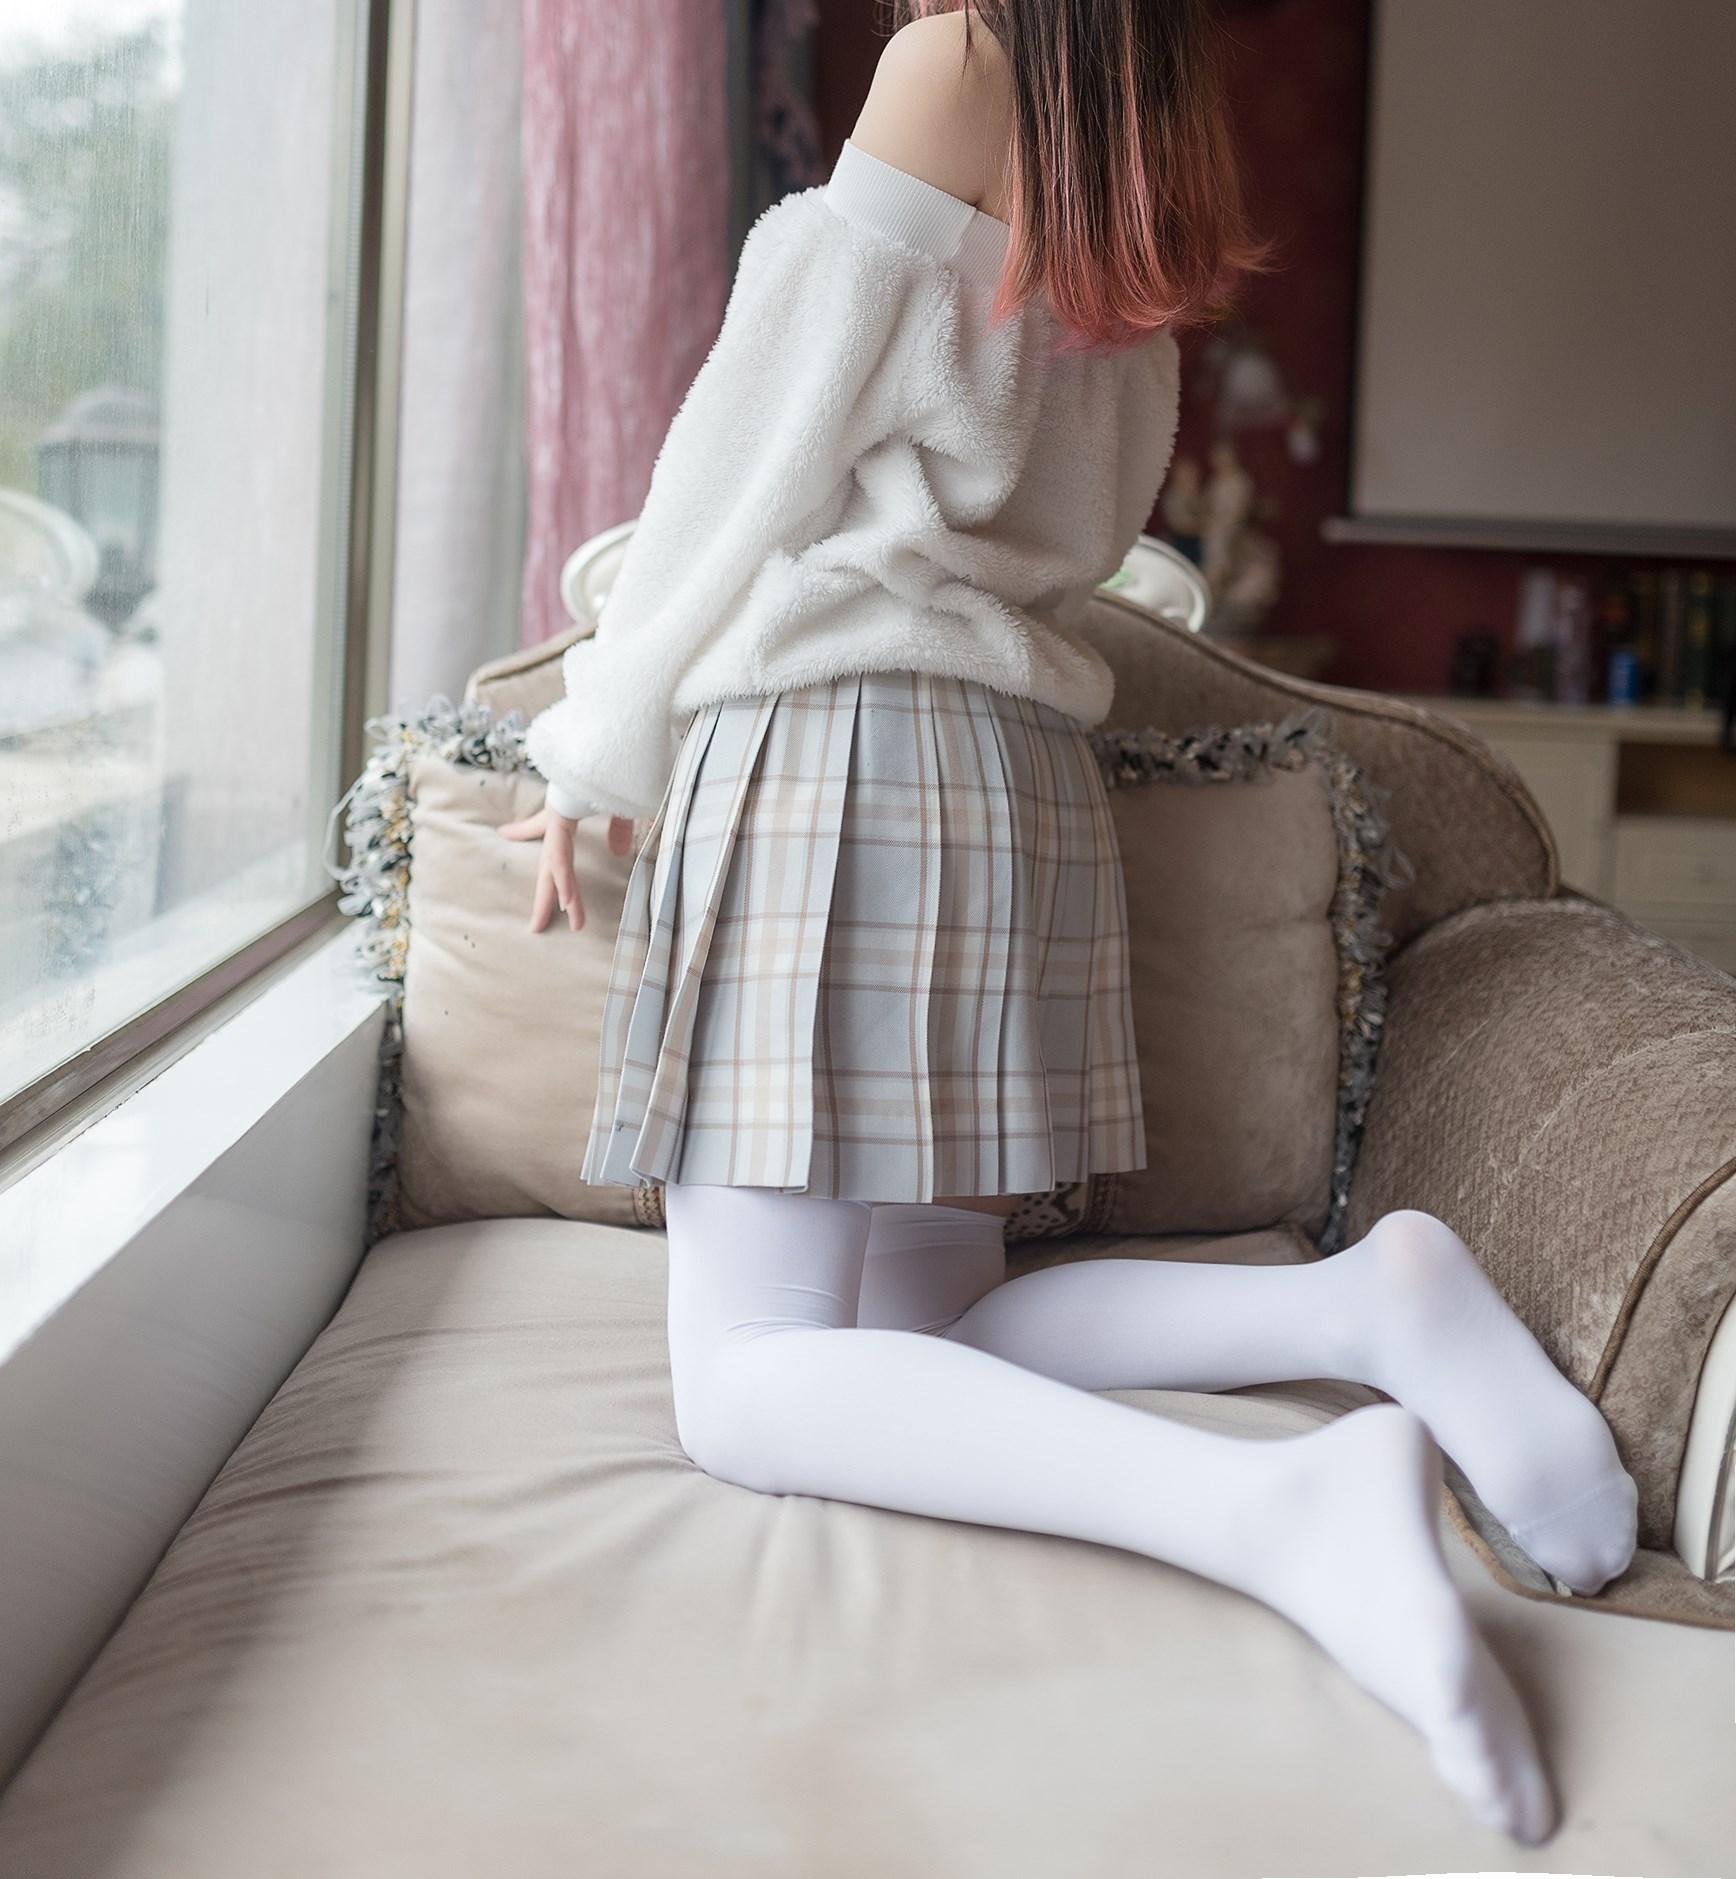 【兔玩映画】露肩少女 兔玩映画 第9张